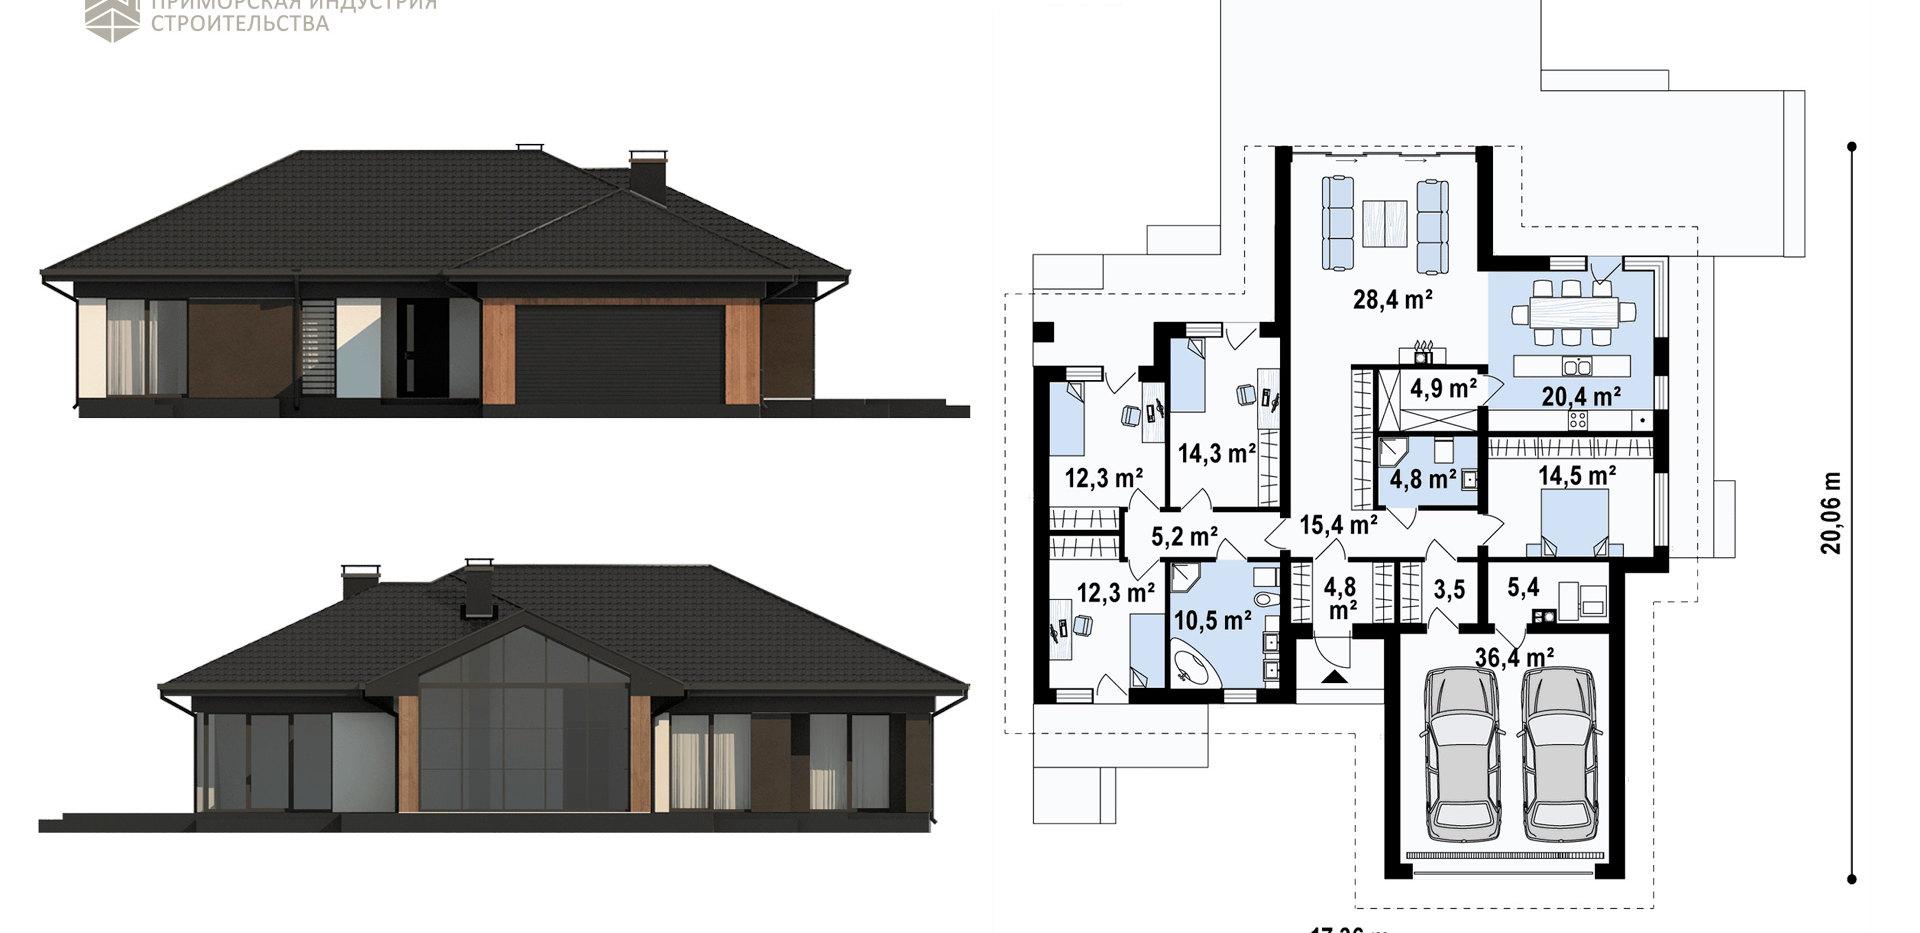 Планировка современного дома SHALE-003